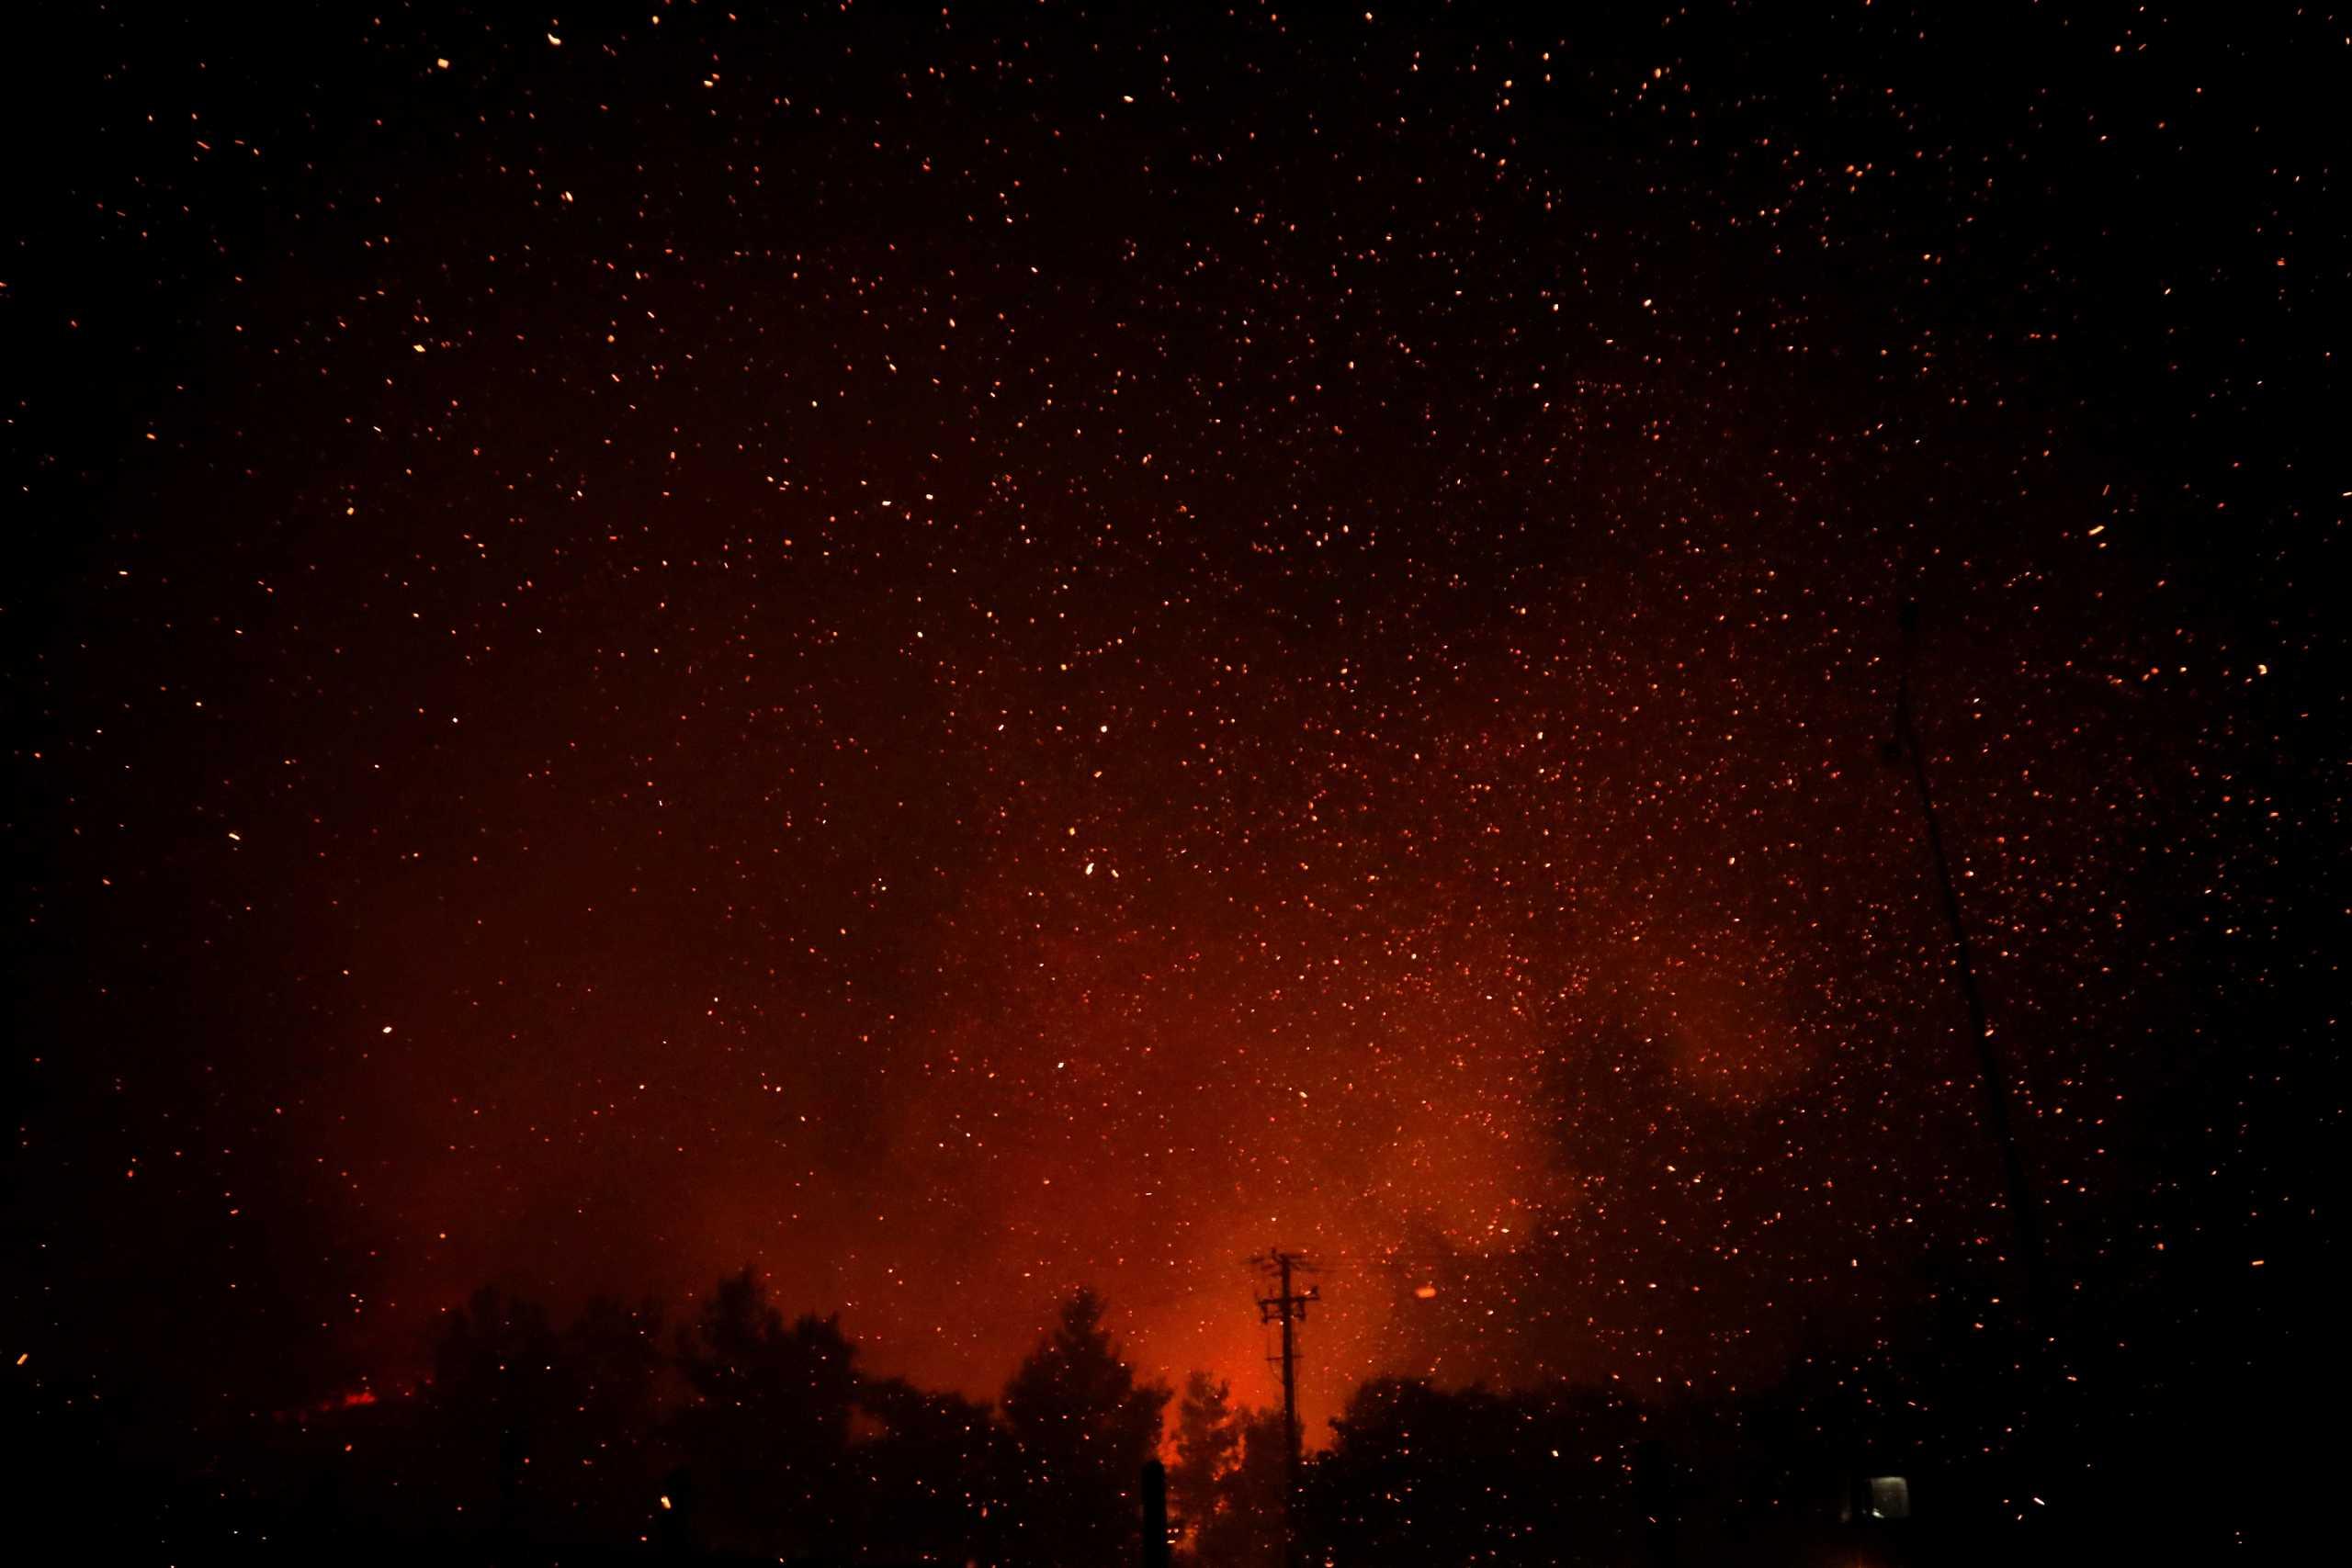 Οι φλόγες κυκλώνουν τα χωριά Αμέλαντες και Σκεπαστή στην Εύβοια